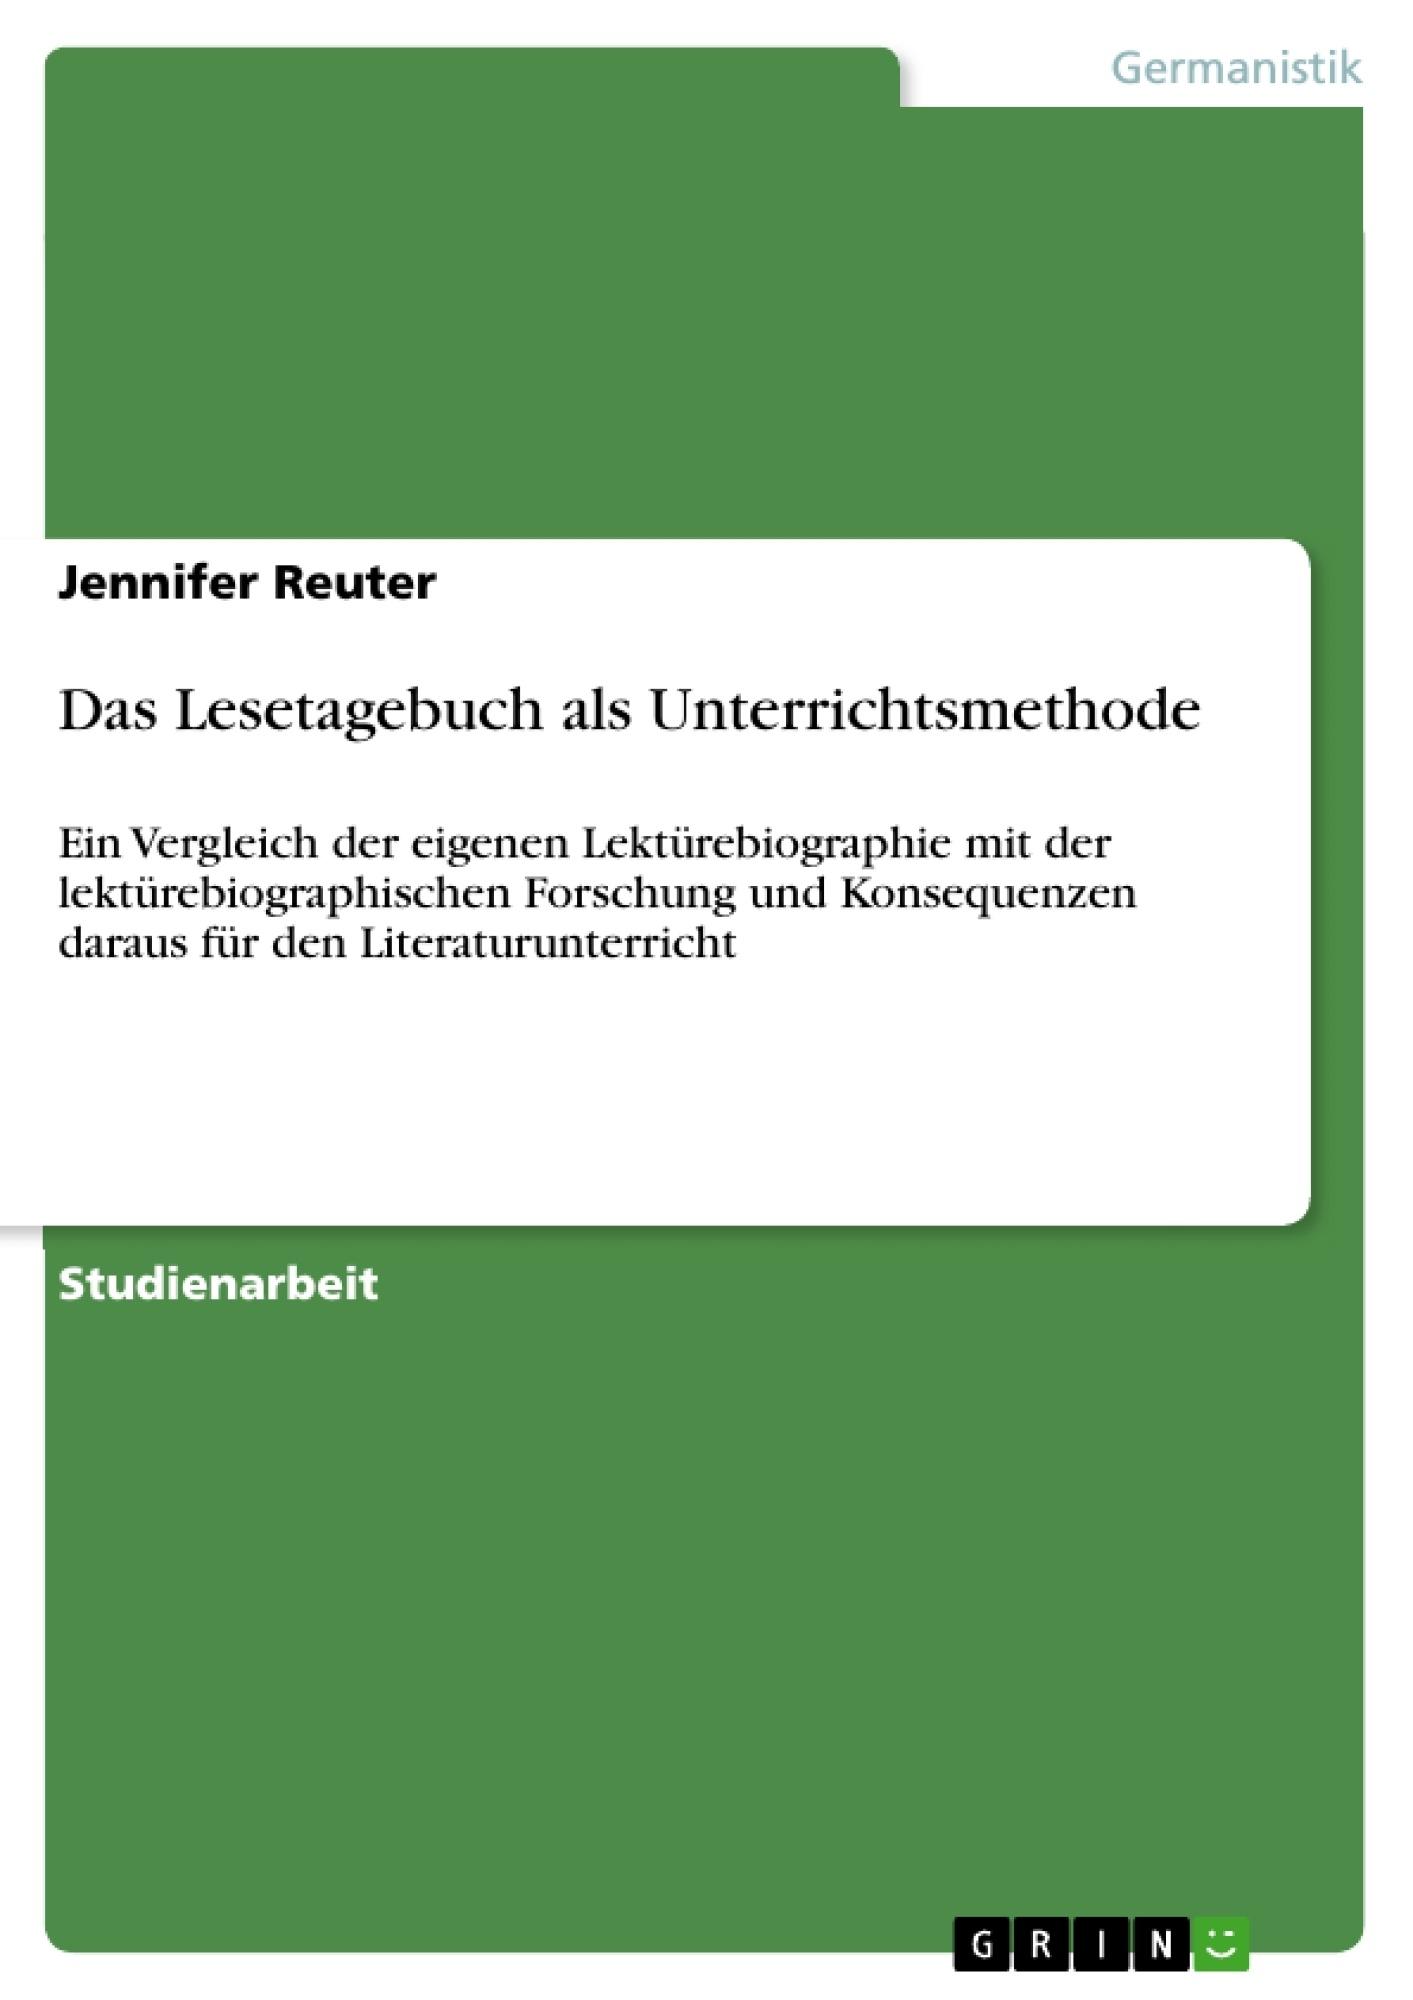 Titel: Das Lesetagebuch als Unterrichtsmethode